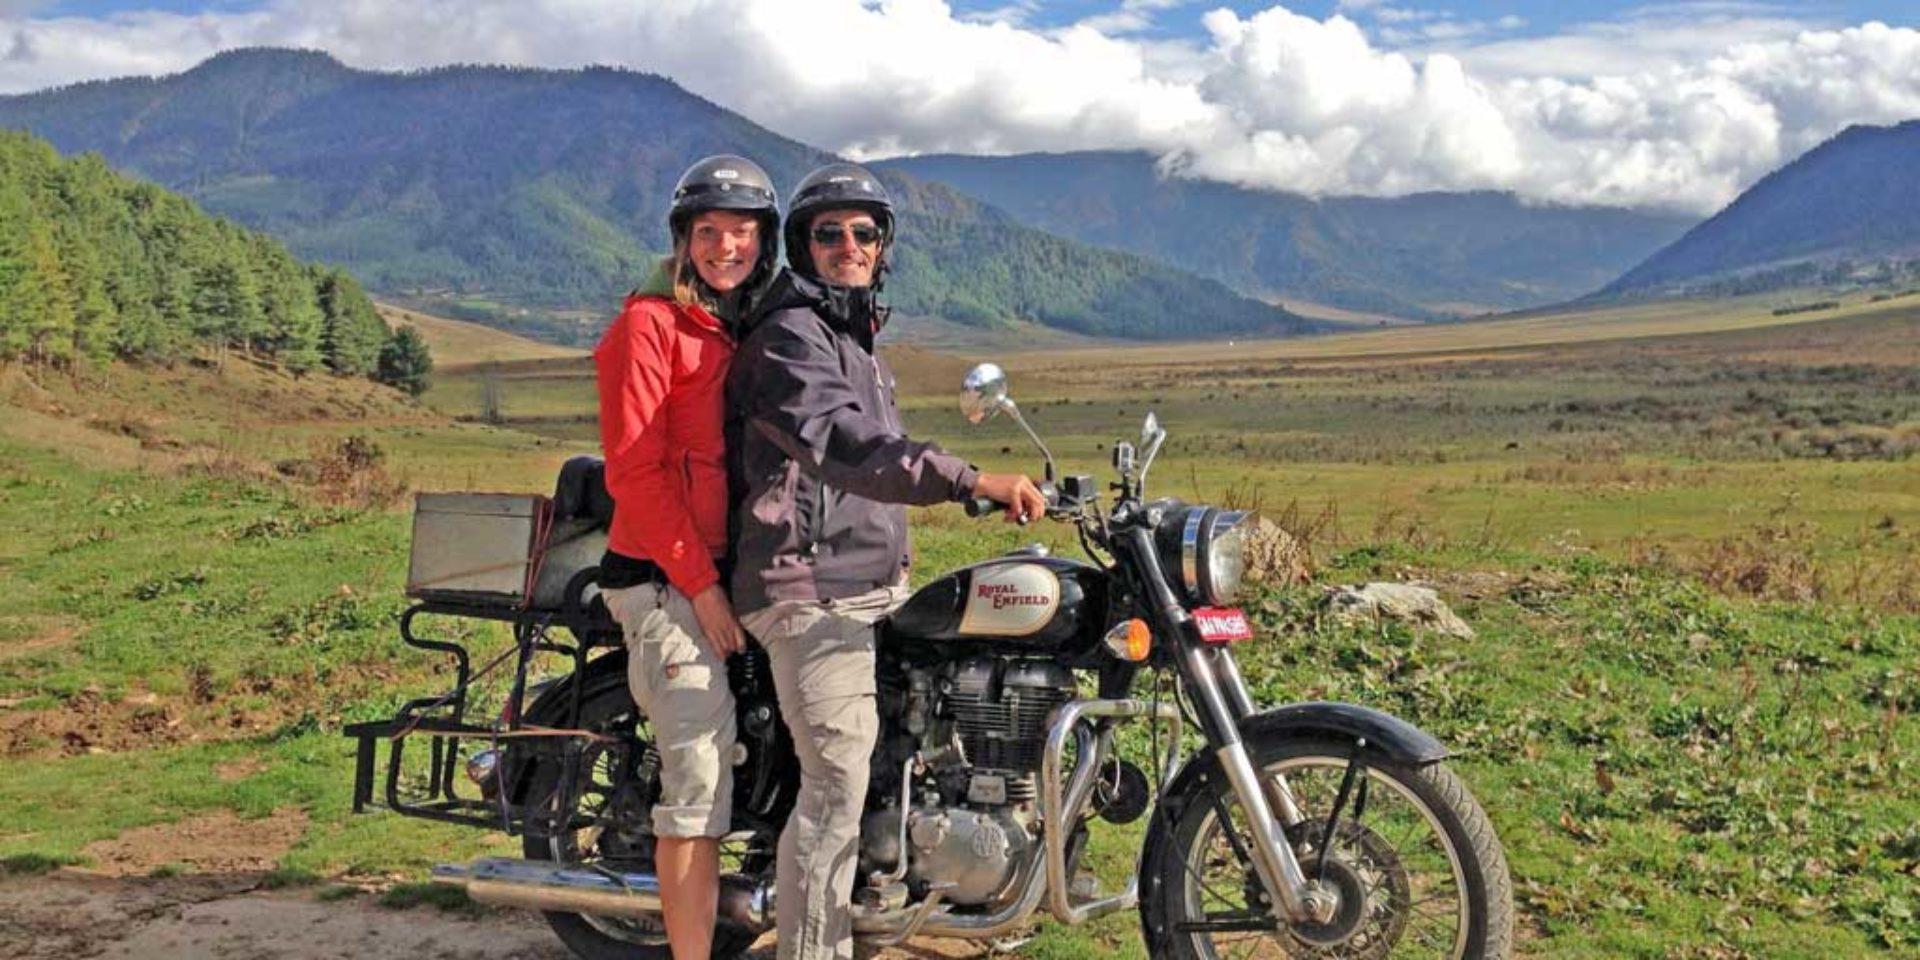 couple-on-bike_opt2